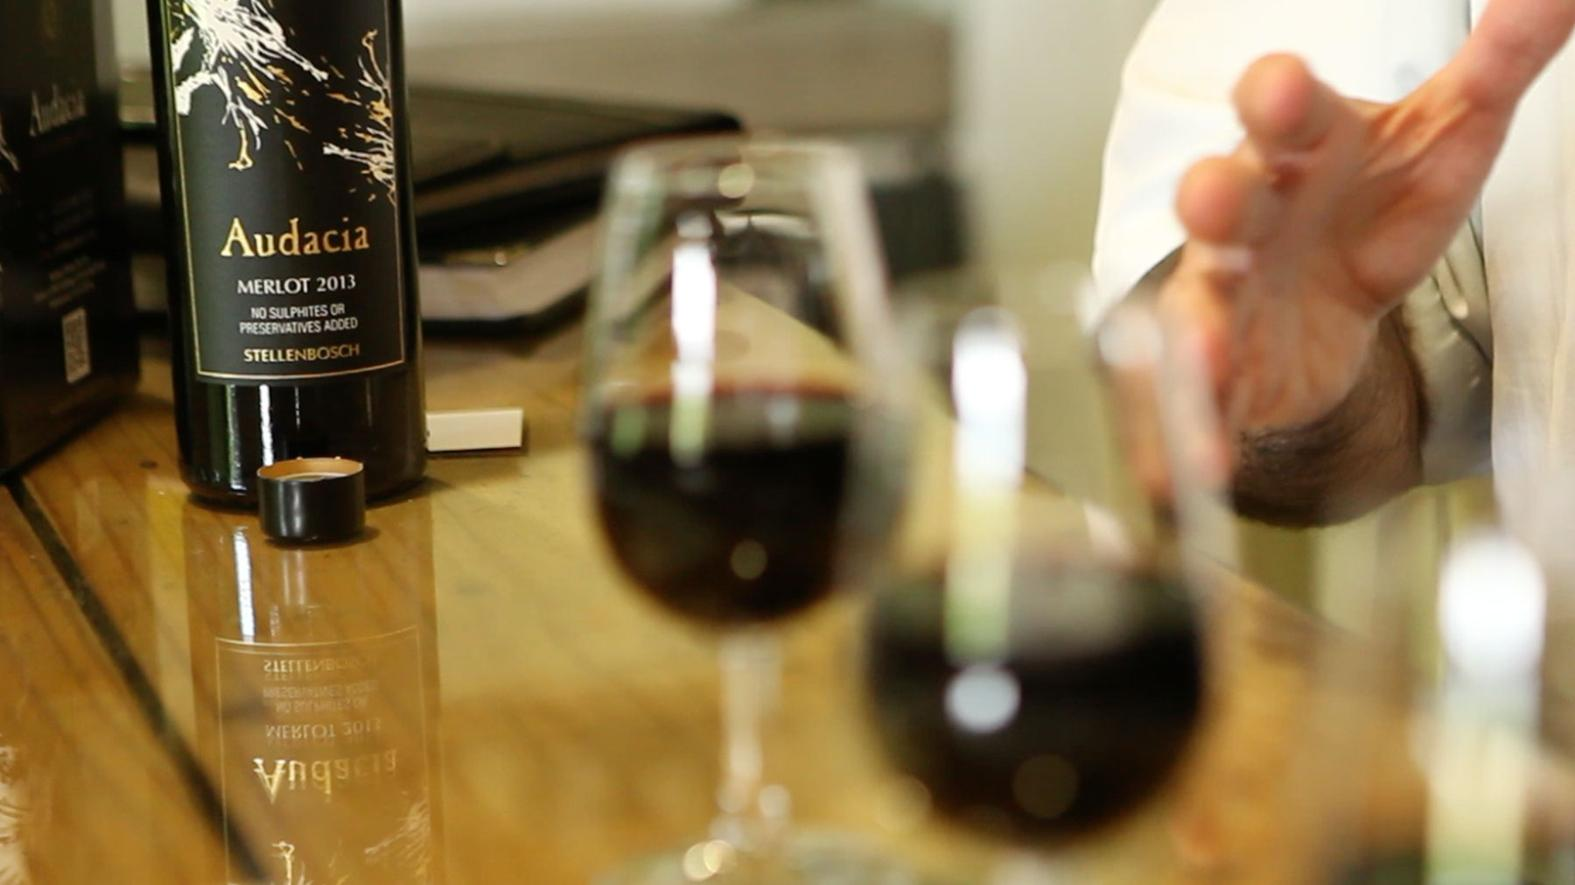 あまり知られていないルイボスティーのすごい効能-Audaciaルイボスワイン